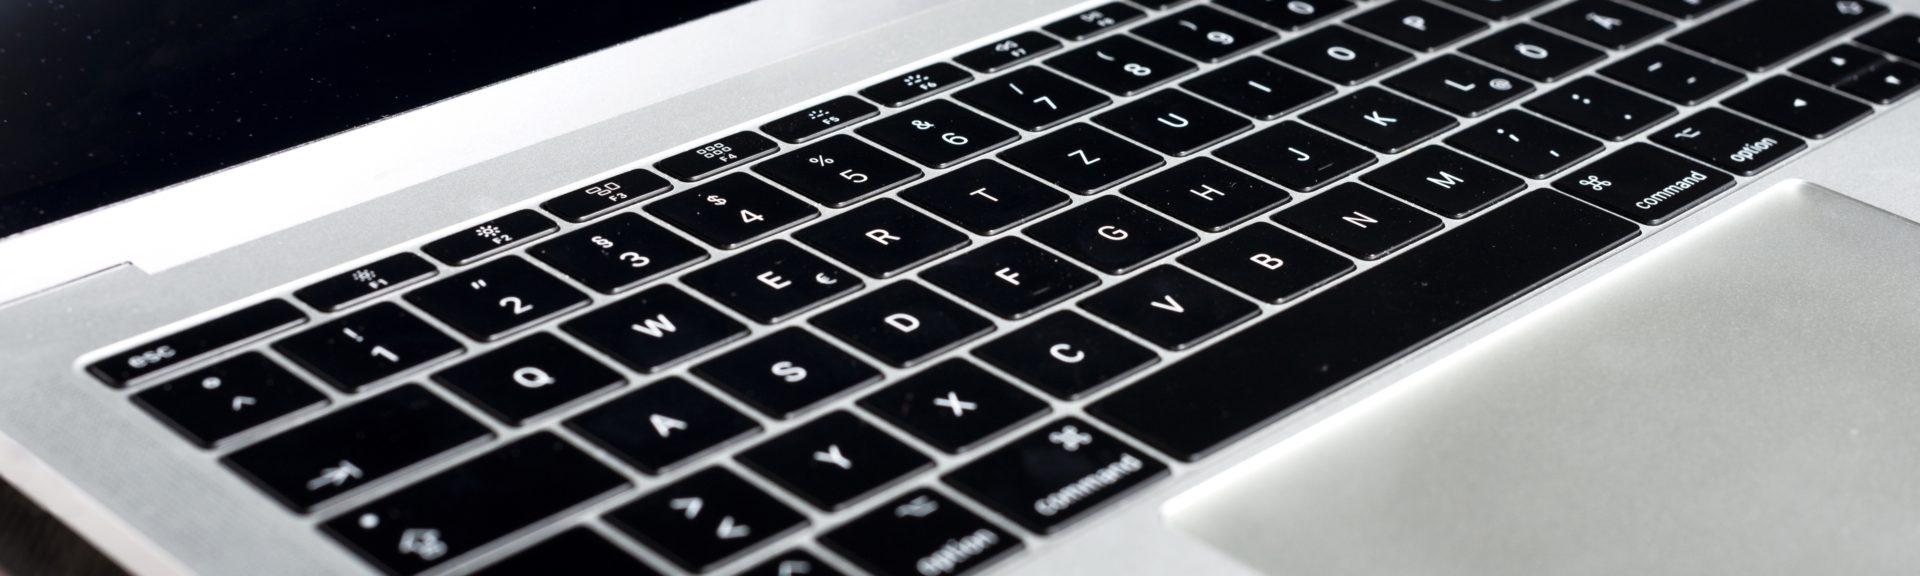 Schräge Ansicht einer Laptop-Tastatur mit schwarzen Tasten und Gehäuse aus Aluminium.